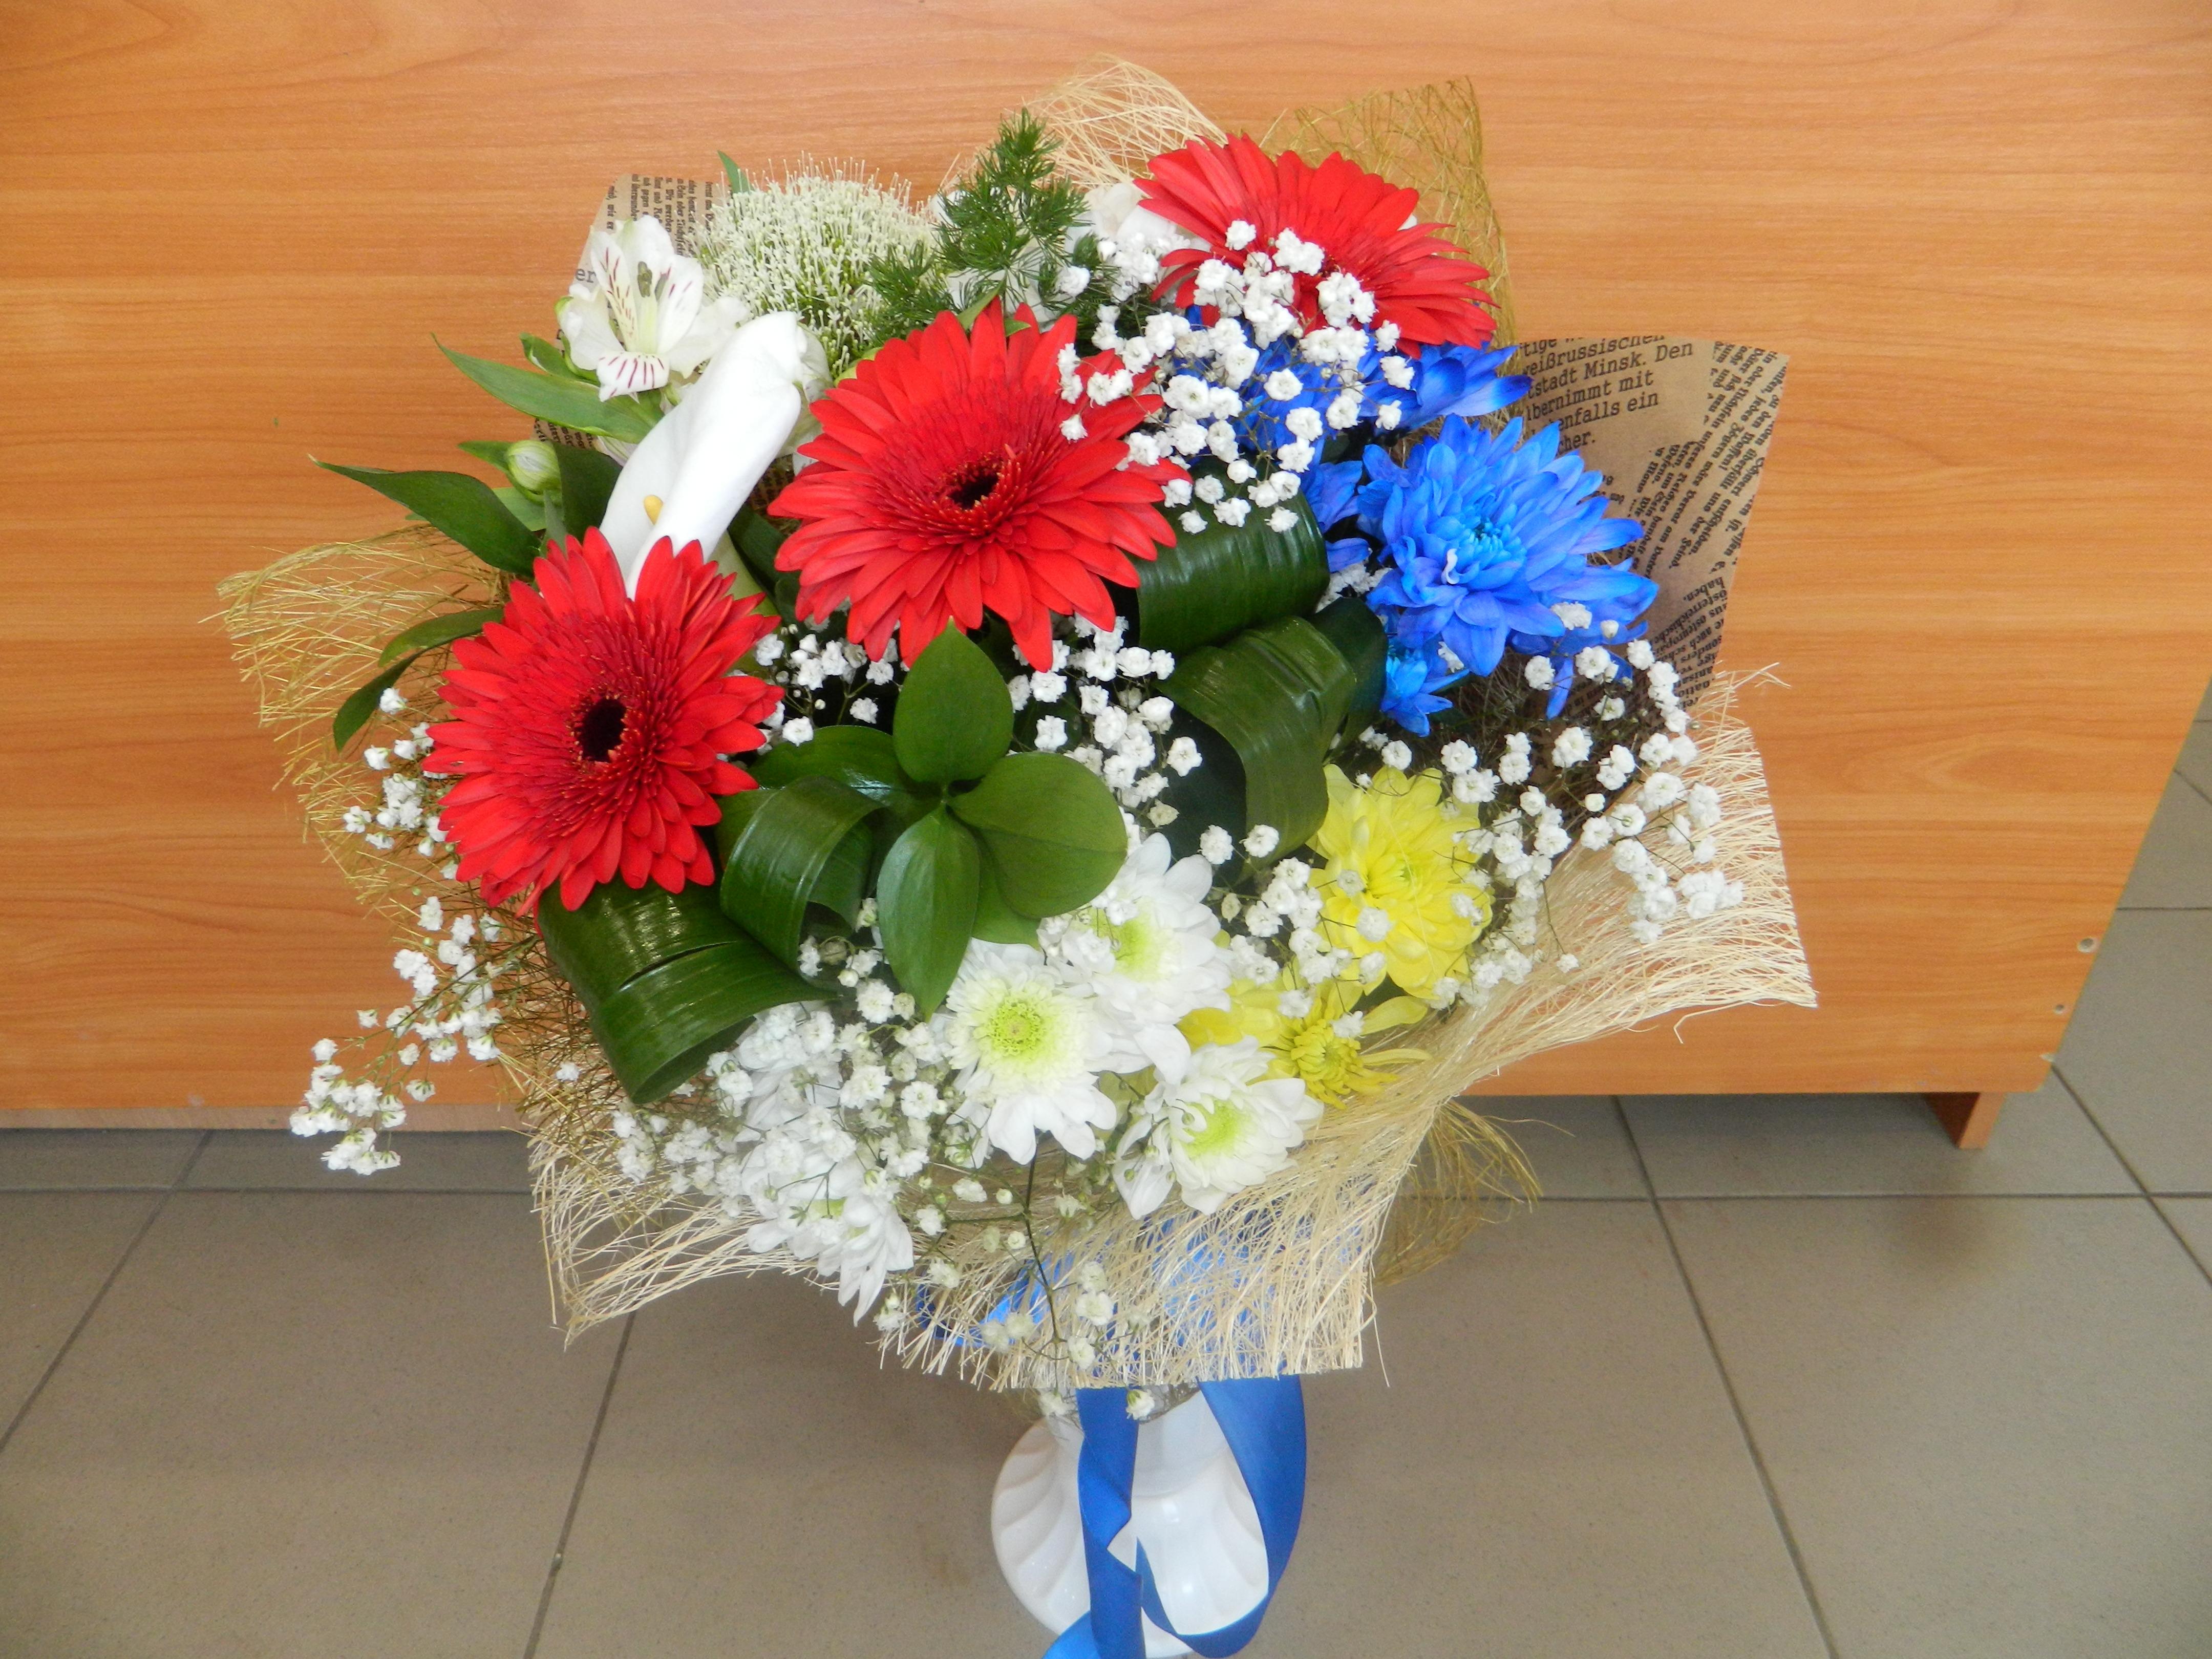 Подарочный букет из гербер и хризантем фото, омск купить цветы